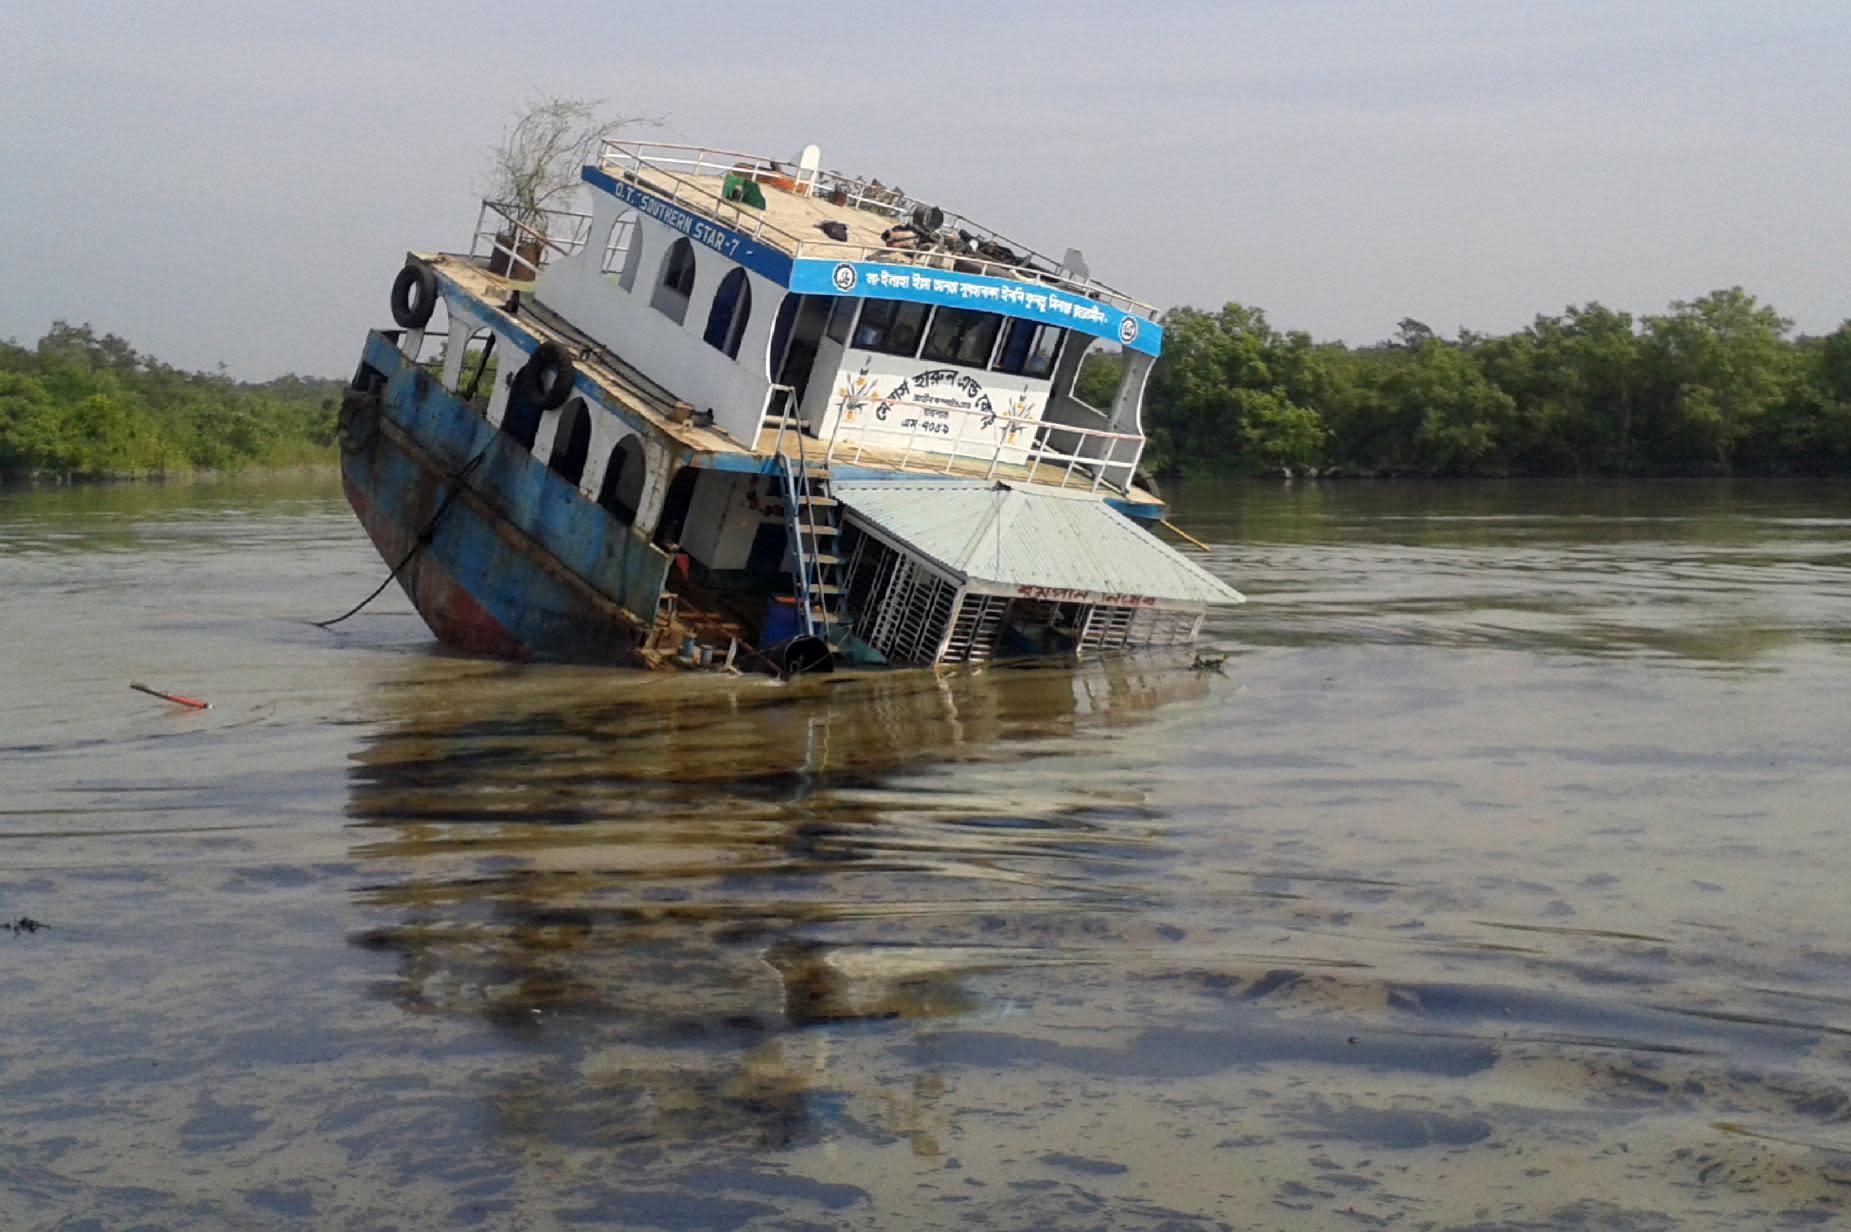 Bangladesh development threatens fragile Sundarbans mangroves